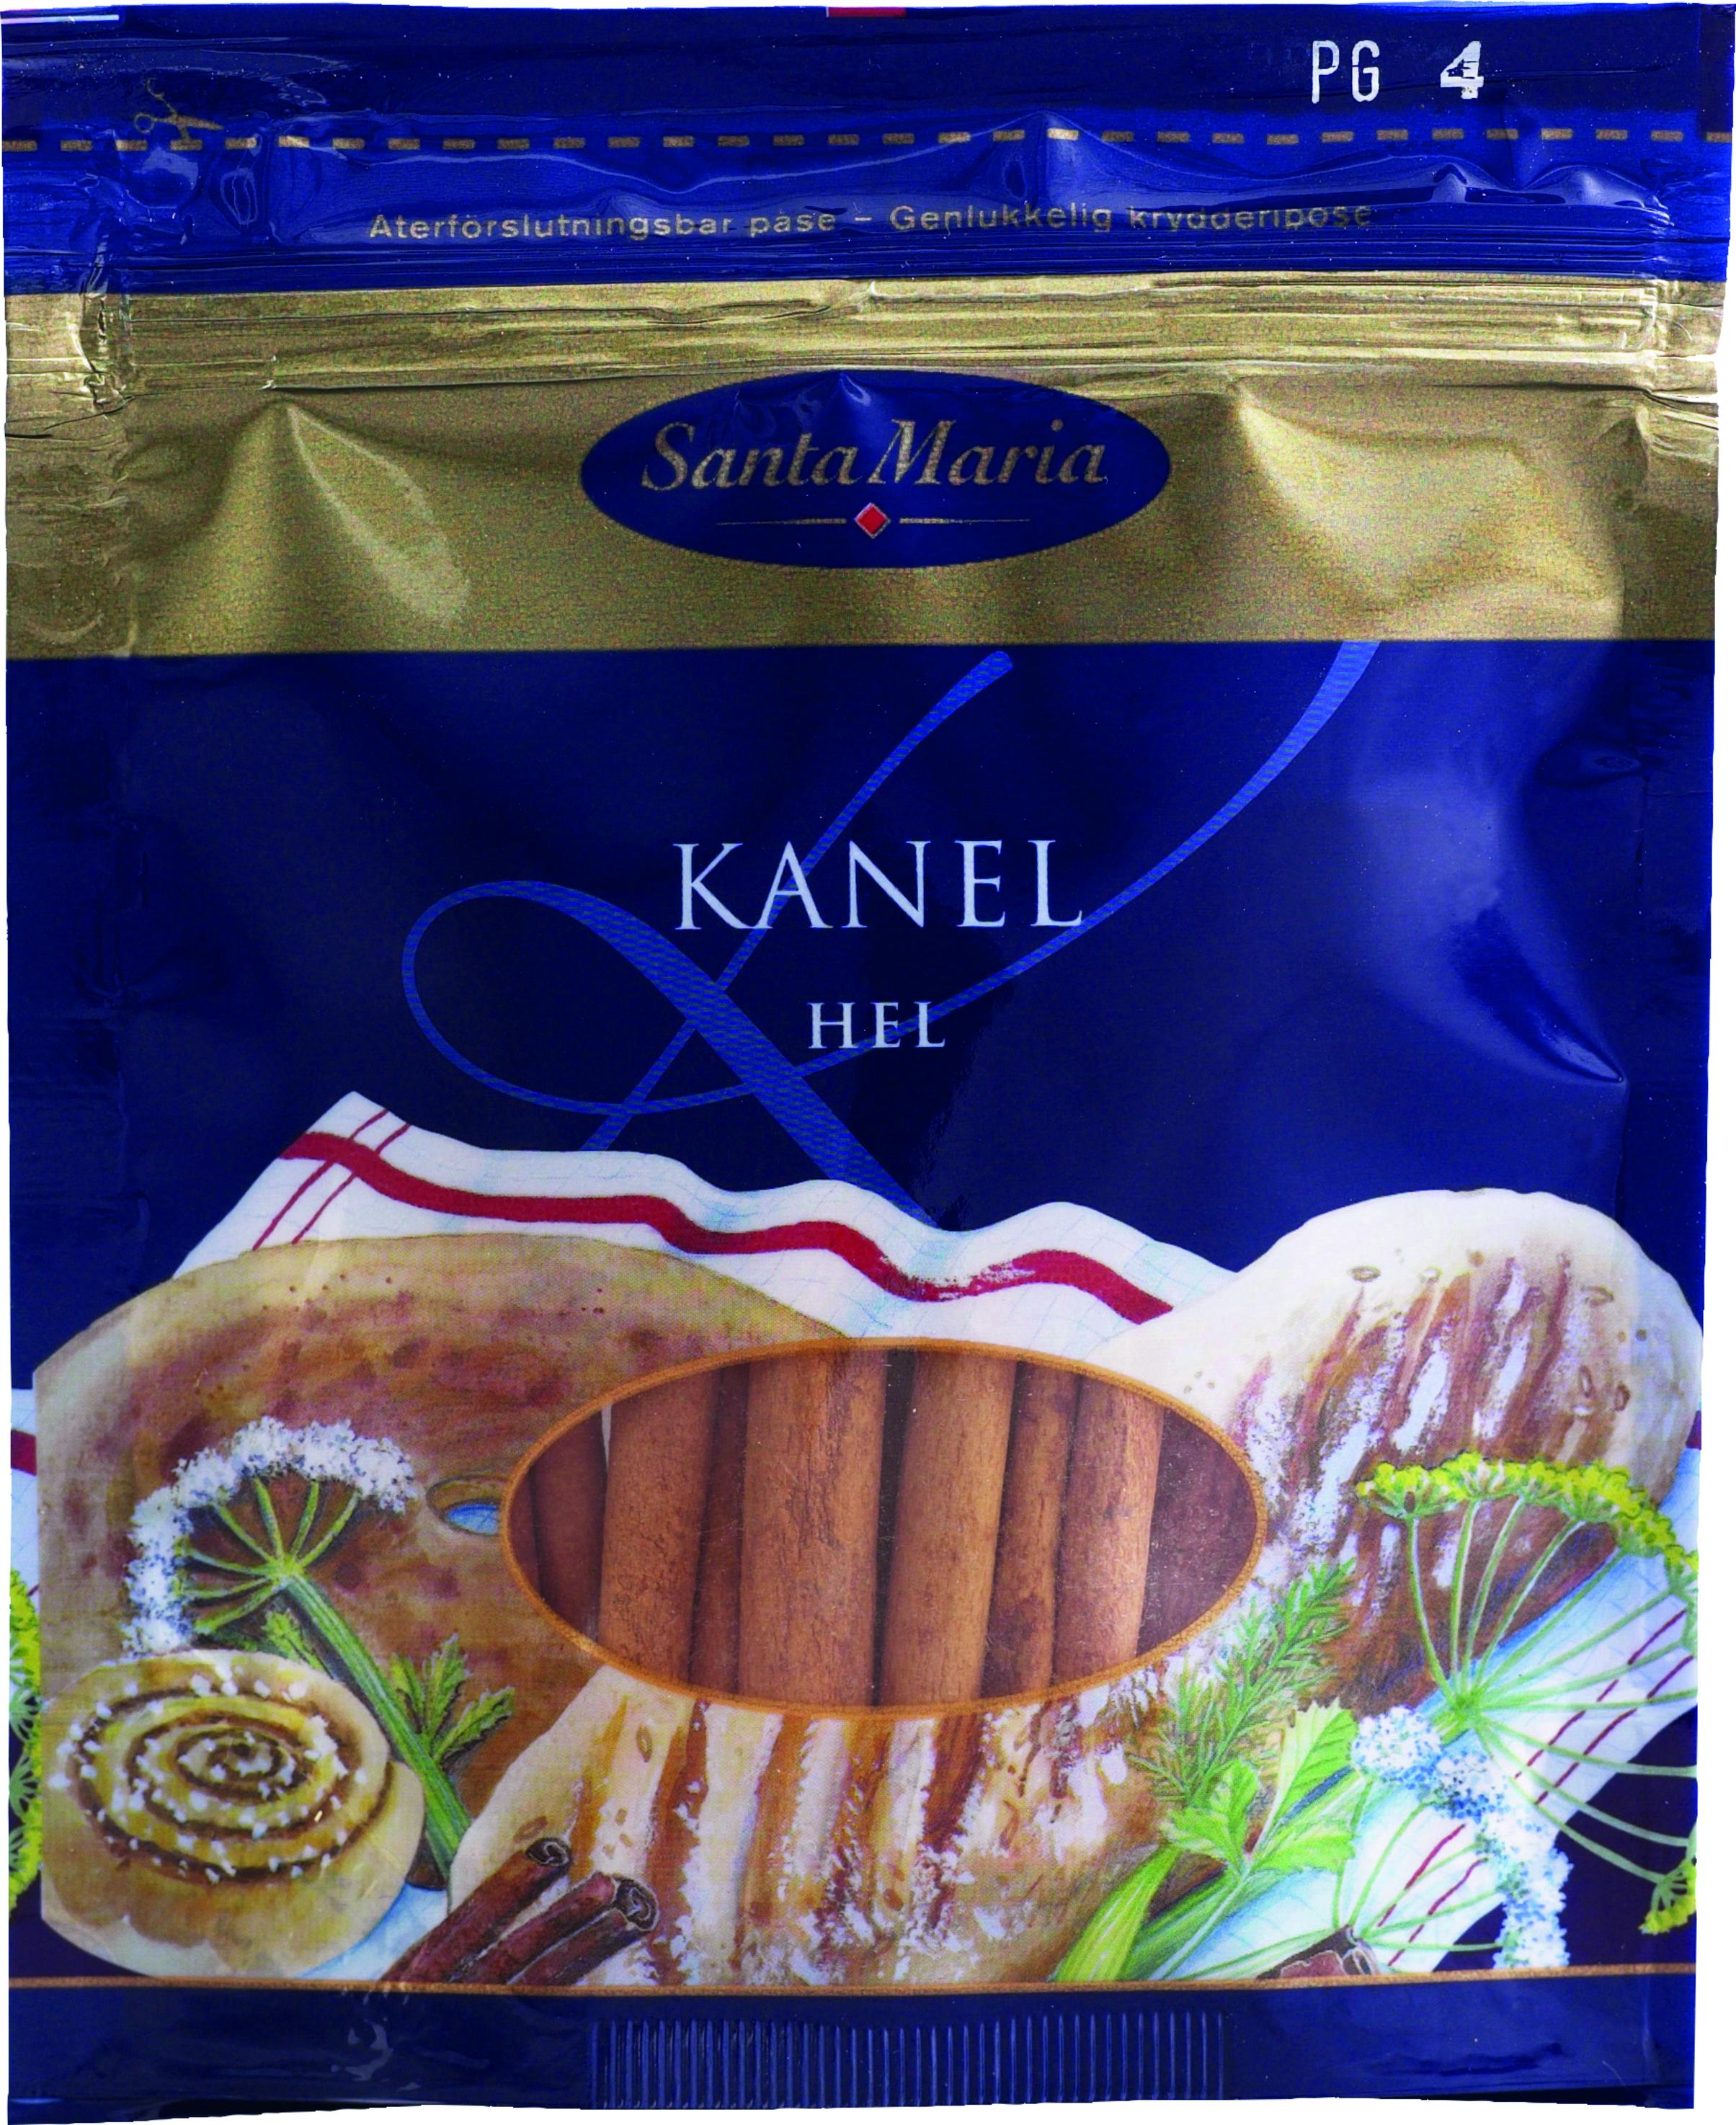 Sæt nyt krydderi på julen: Kanel, kanel og atter kanel!